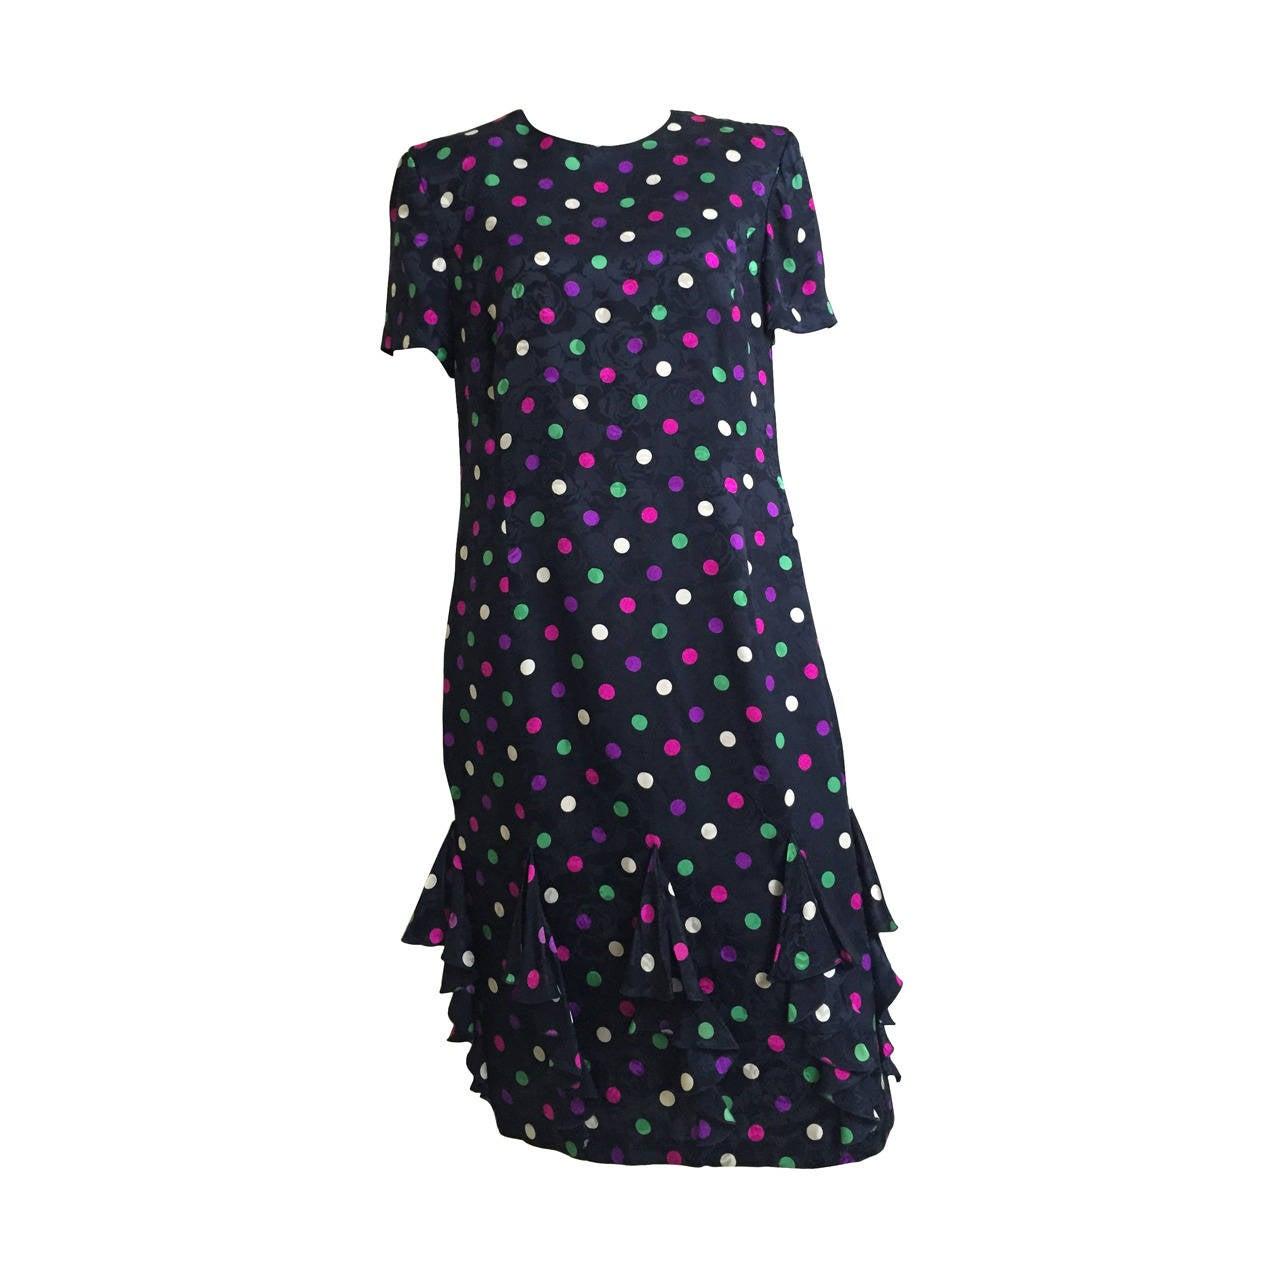 Louis Feraud silk navy with polka dot dress size 10, 1980s